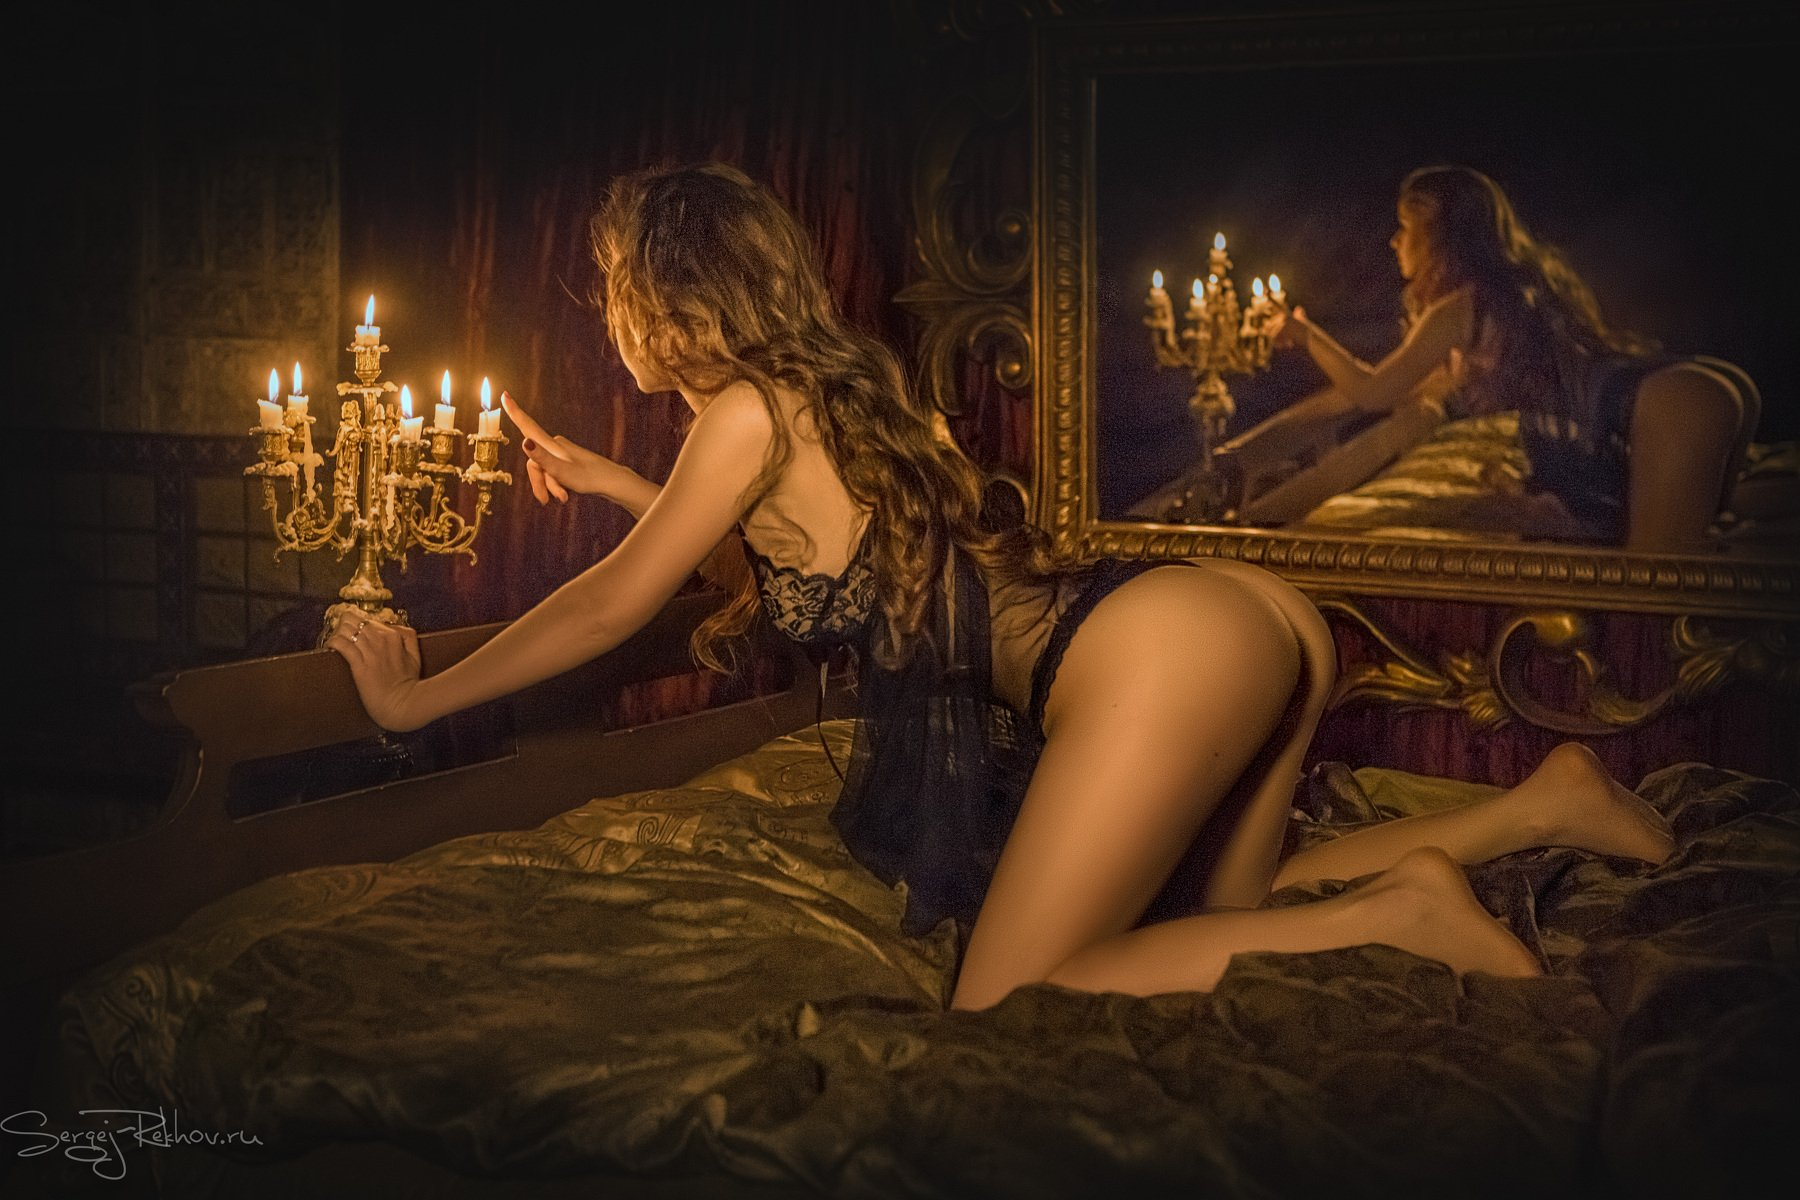 девушка, студия, красота, свеча, рехов, сергейрехов, Сергей Рехов